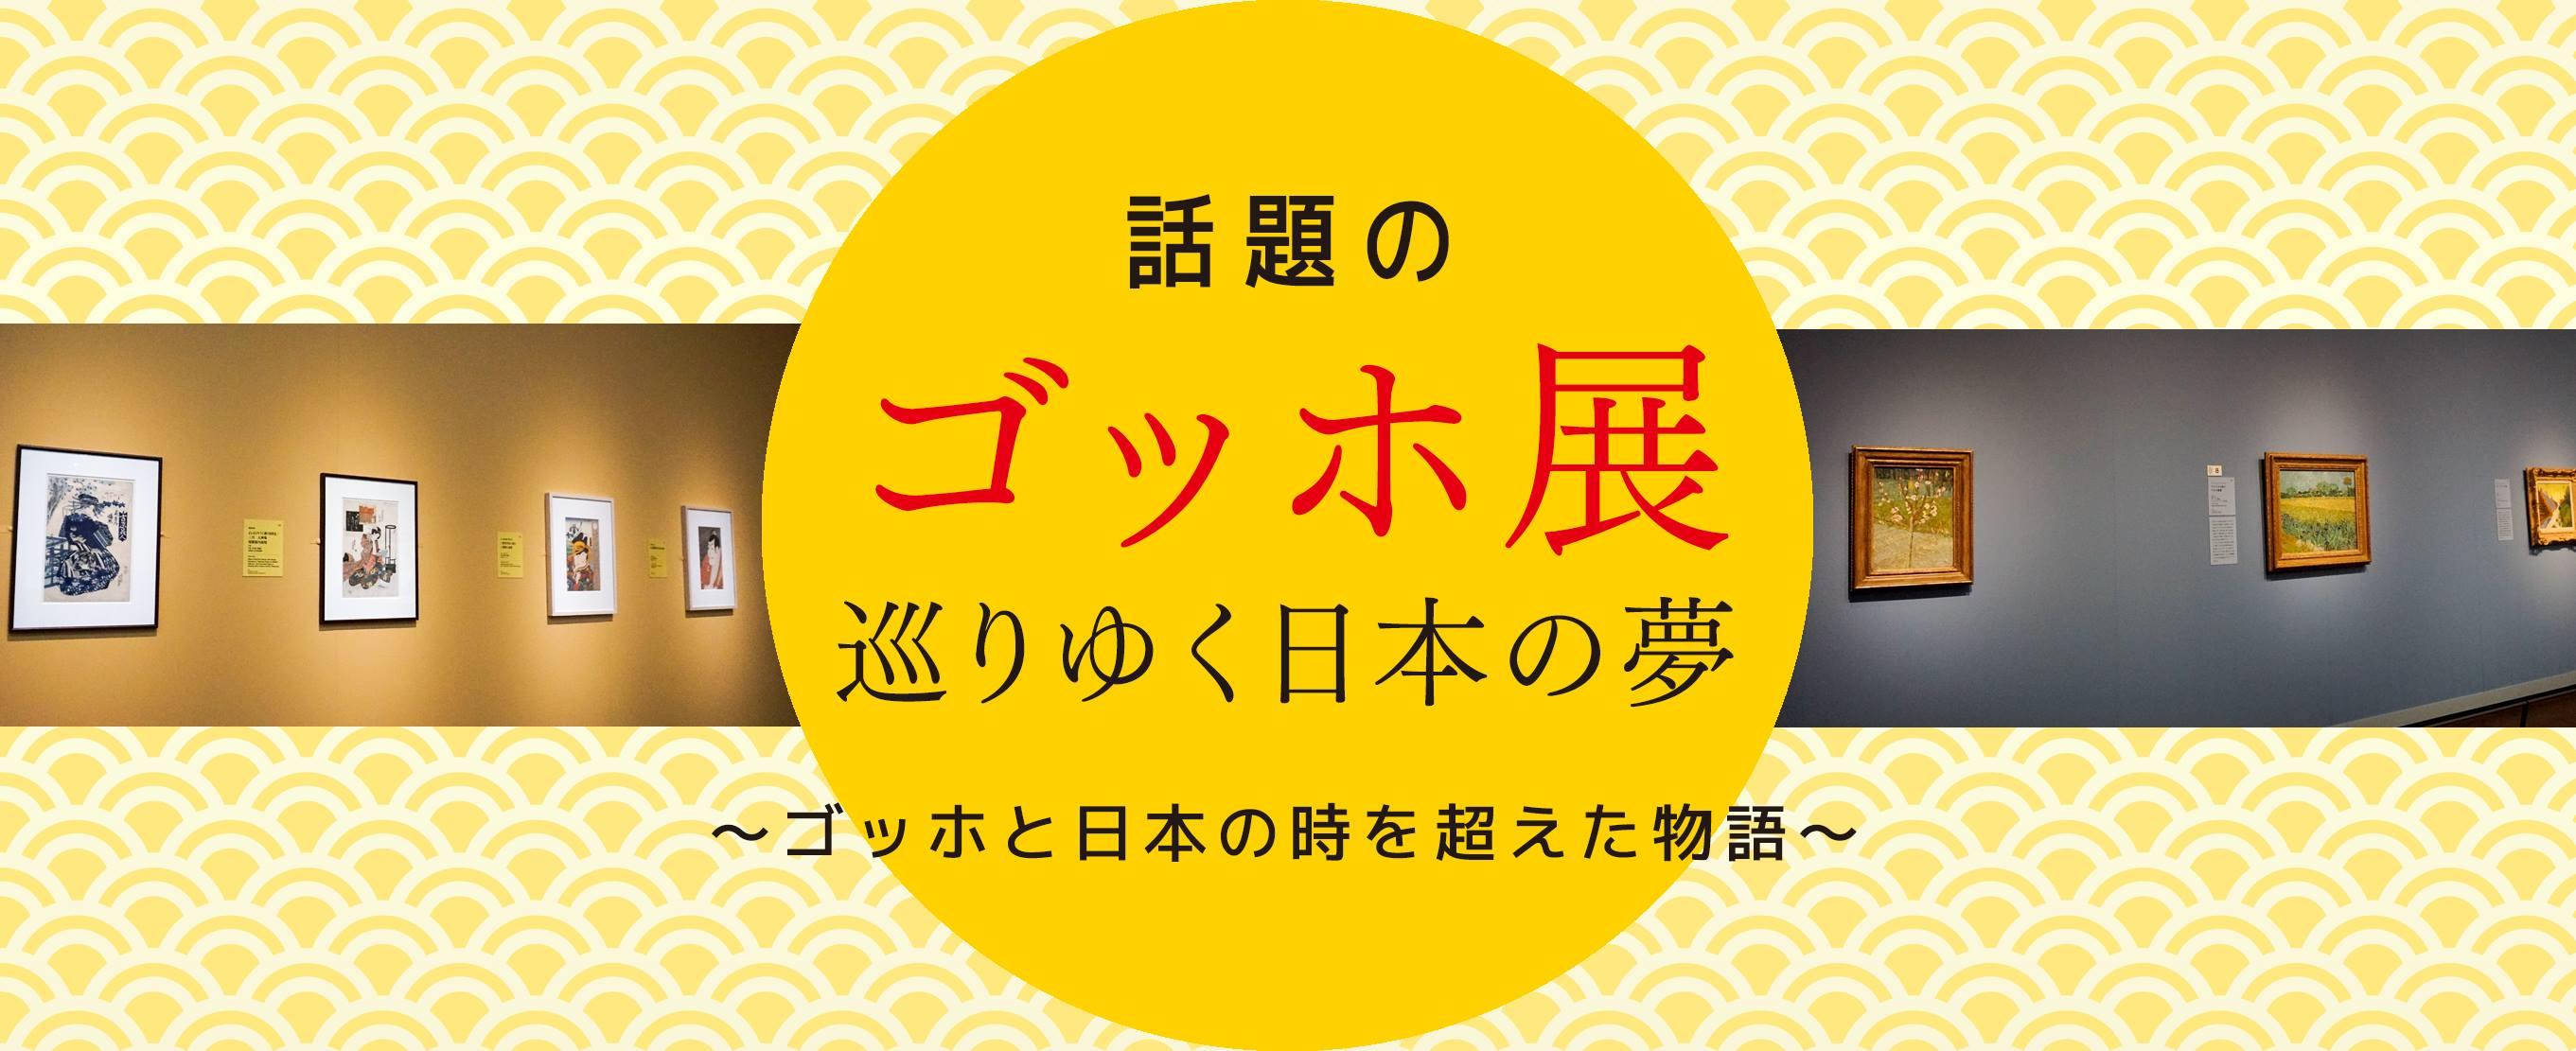 話題の『ゴッホ展 巡りゆく日本の夢』〜ゴッホと日本の時を超えた物語〜